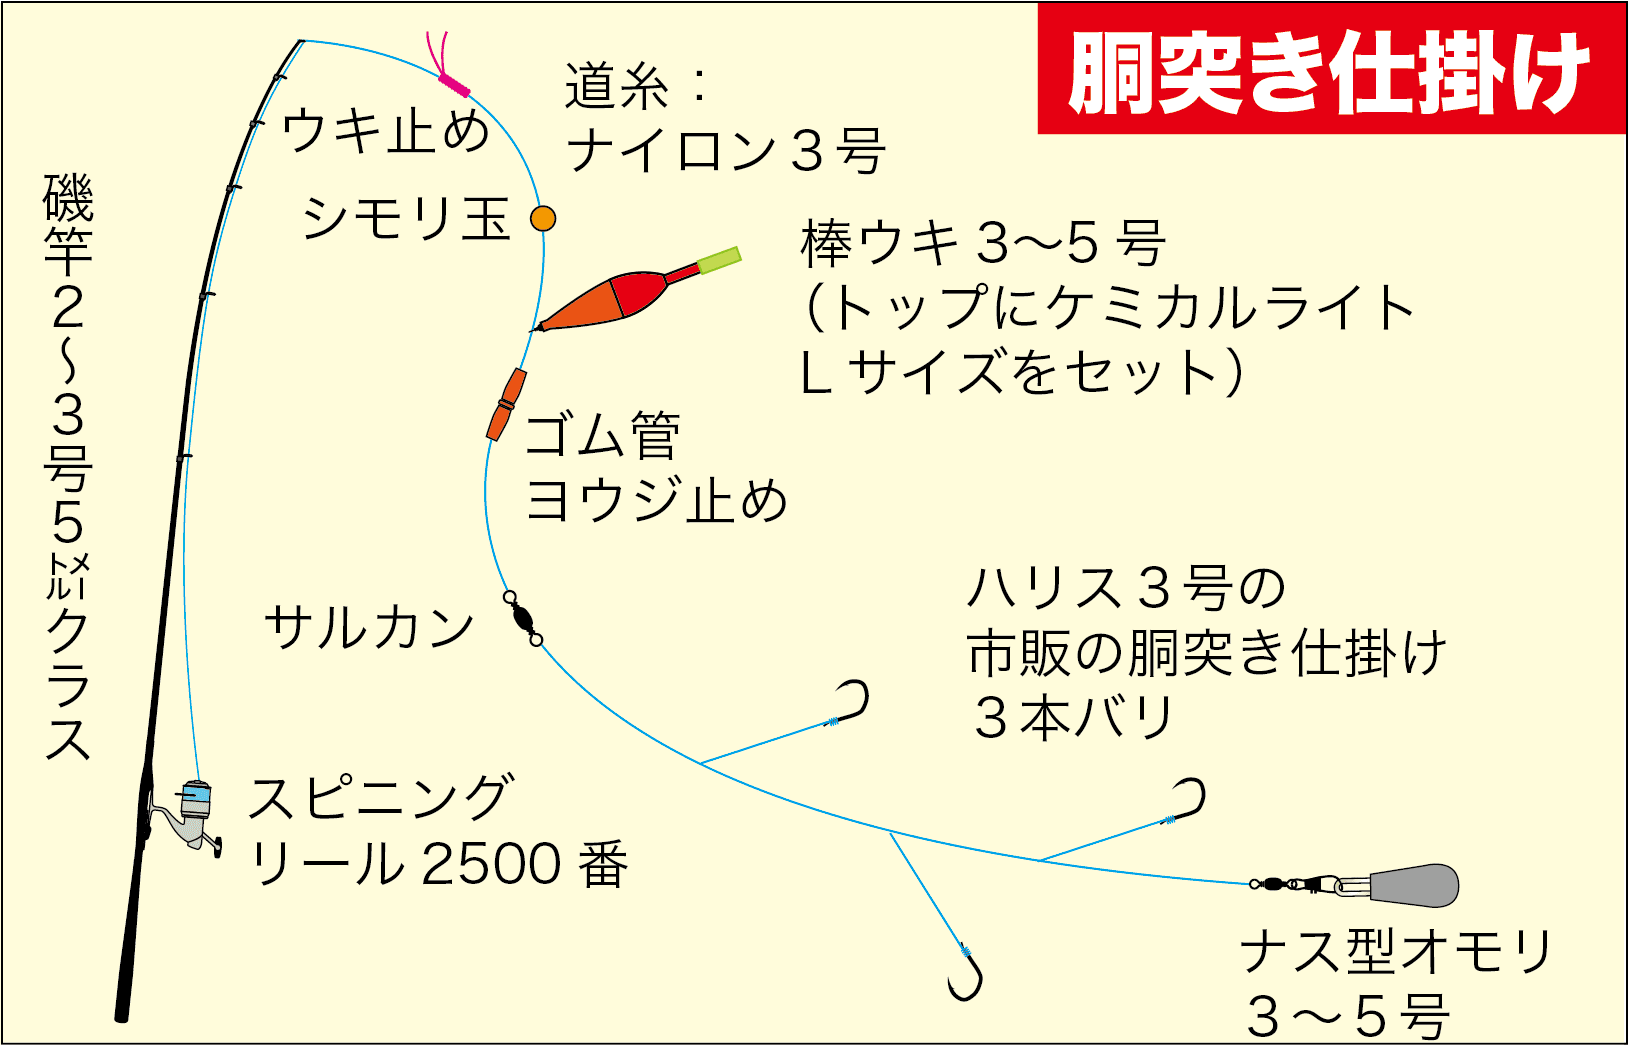 鞠山海遊パークアコウ10